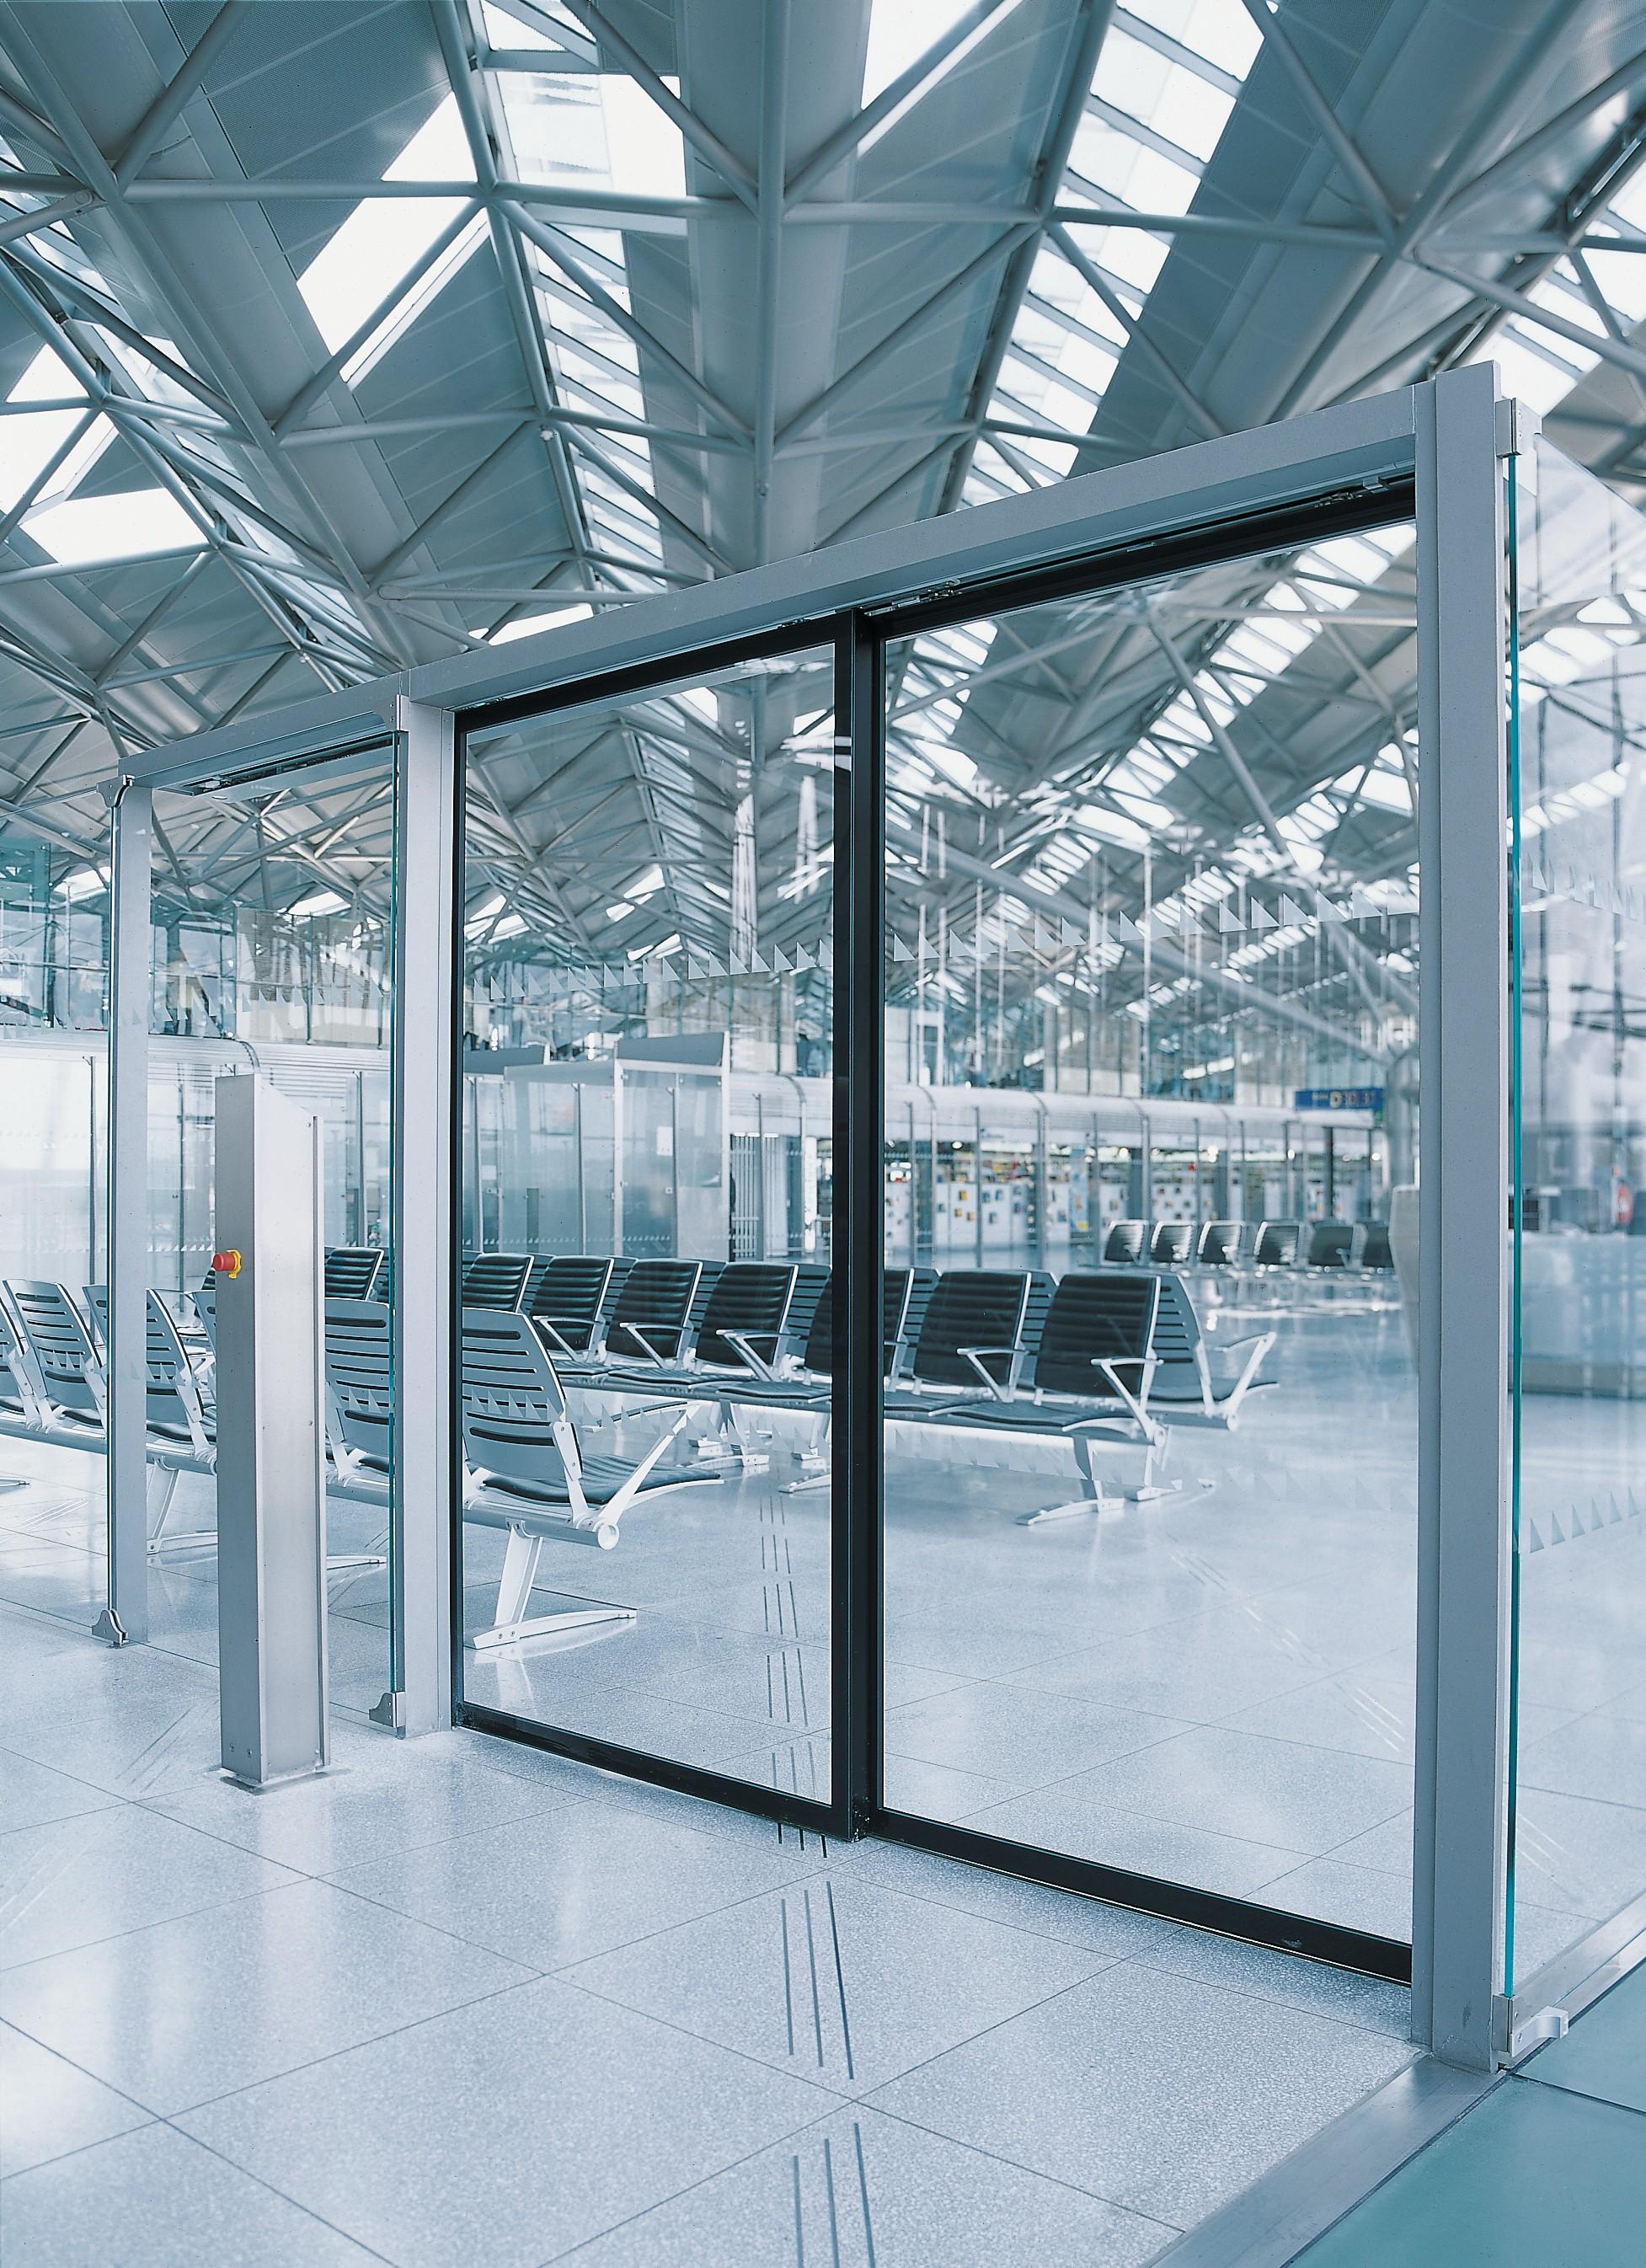 Slimdrive_SLT_Flughafen_47678.jpg